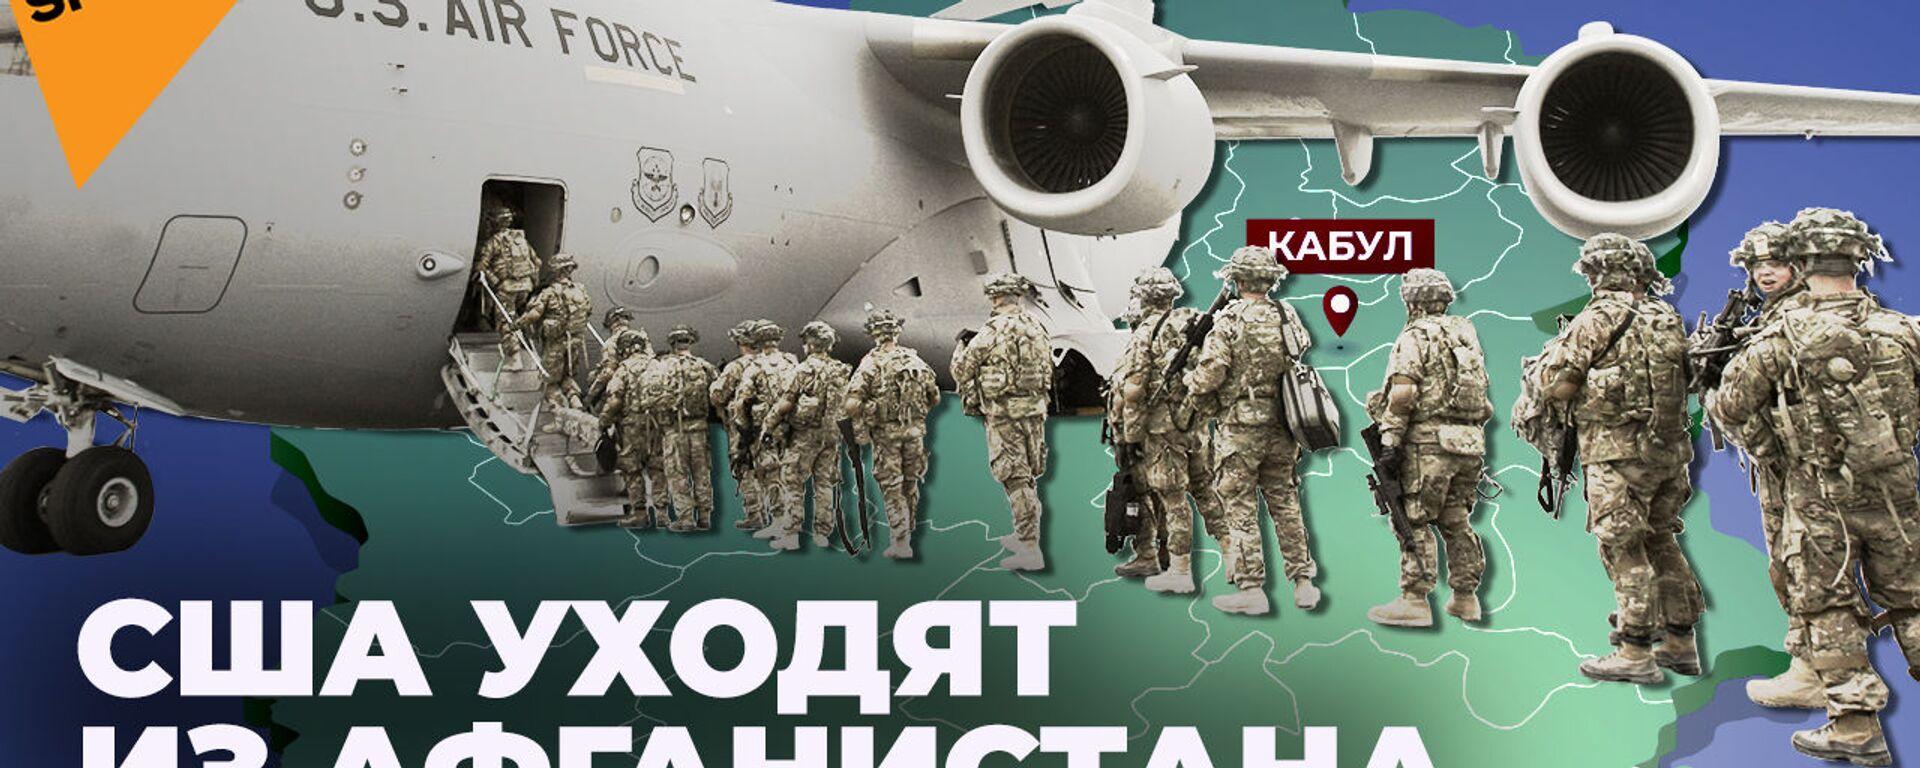 За что США придется объясняться с талибами в Афганистане? - Sputnik Латвия, 1920, 16.04.2021